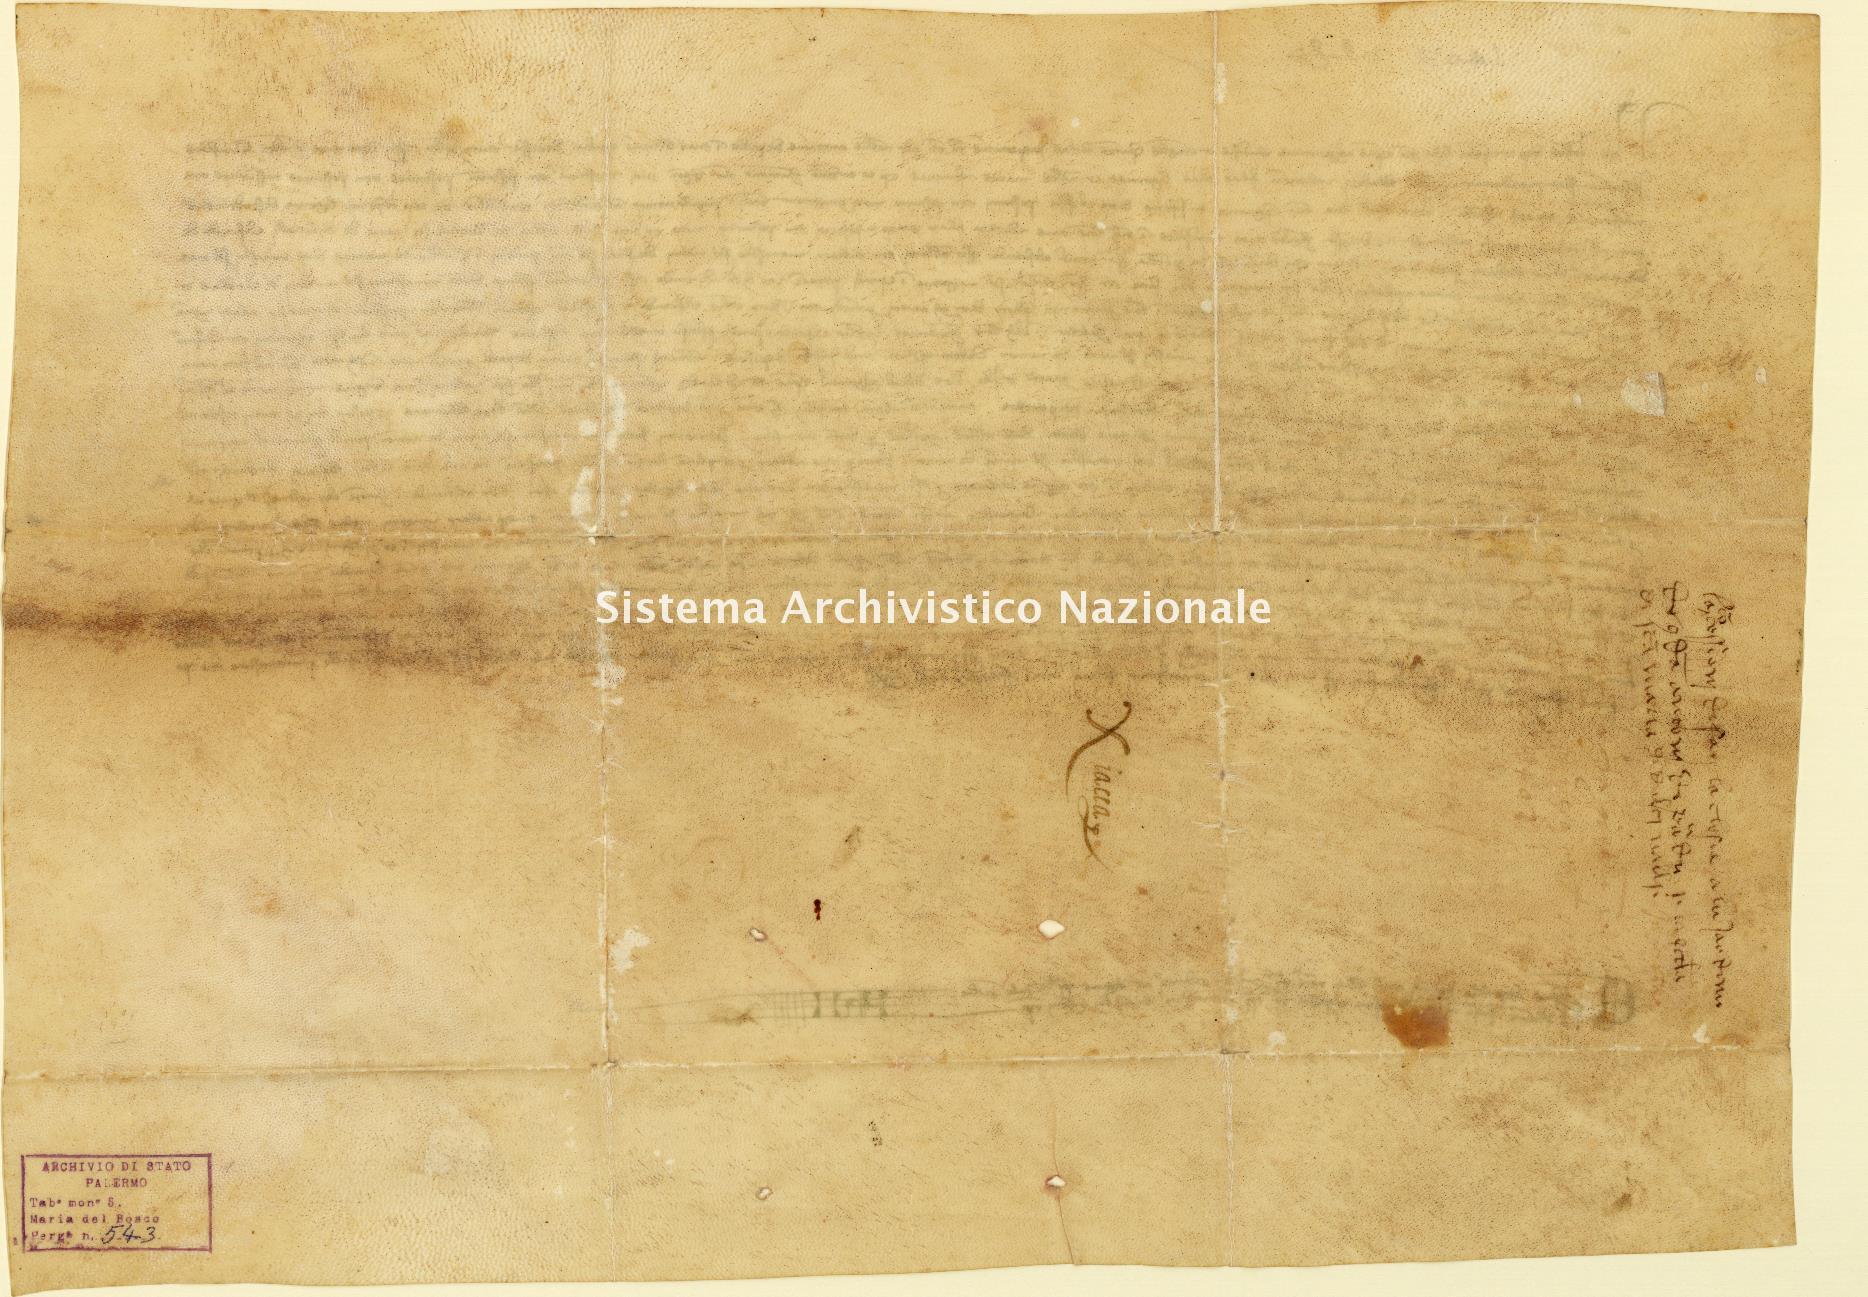 Archivio di Stato di Palermo, Diplomatico, Tabulario del monastero di Santa Maria del Bosco di Calatamauro, Pergamena TSMB 543